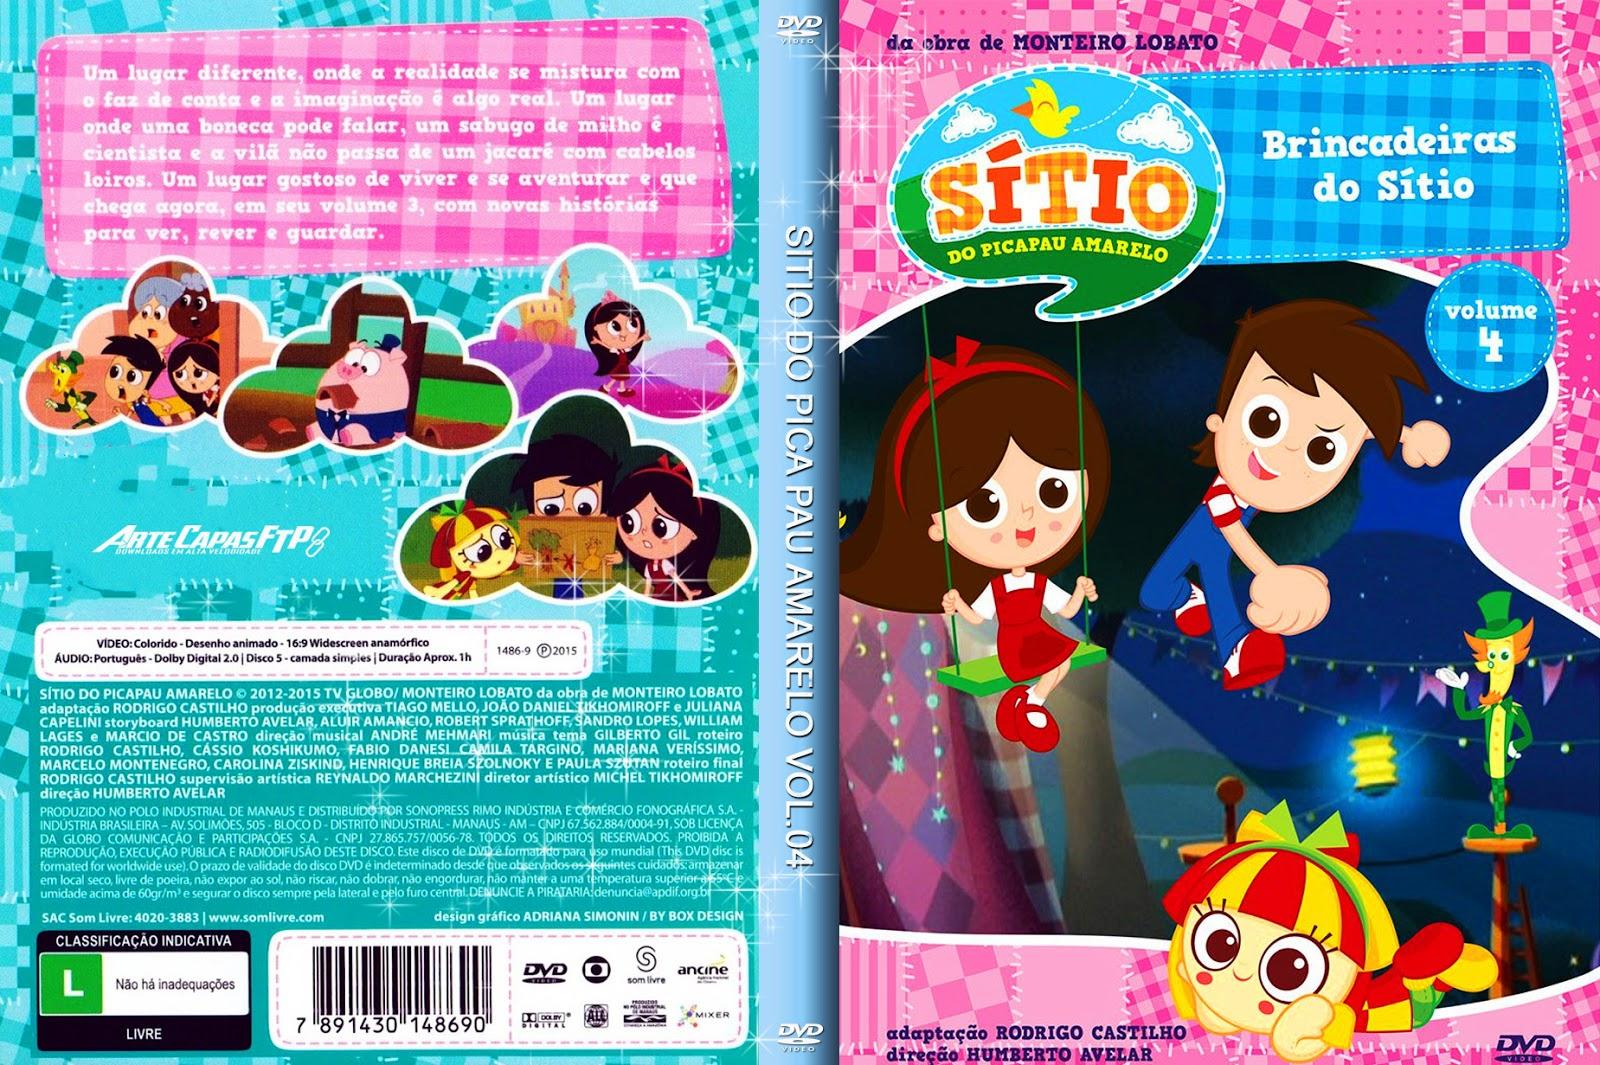 Sítio Do Picapau Amarelo Vol.4 DVD-R S 25C3 25ADtio 2BDo 2BPicapau 2BAmarelo 2BVol